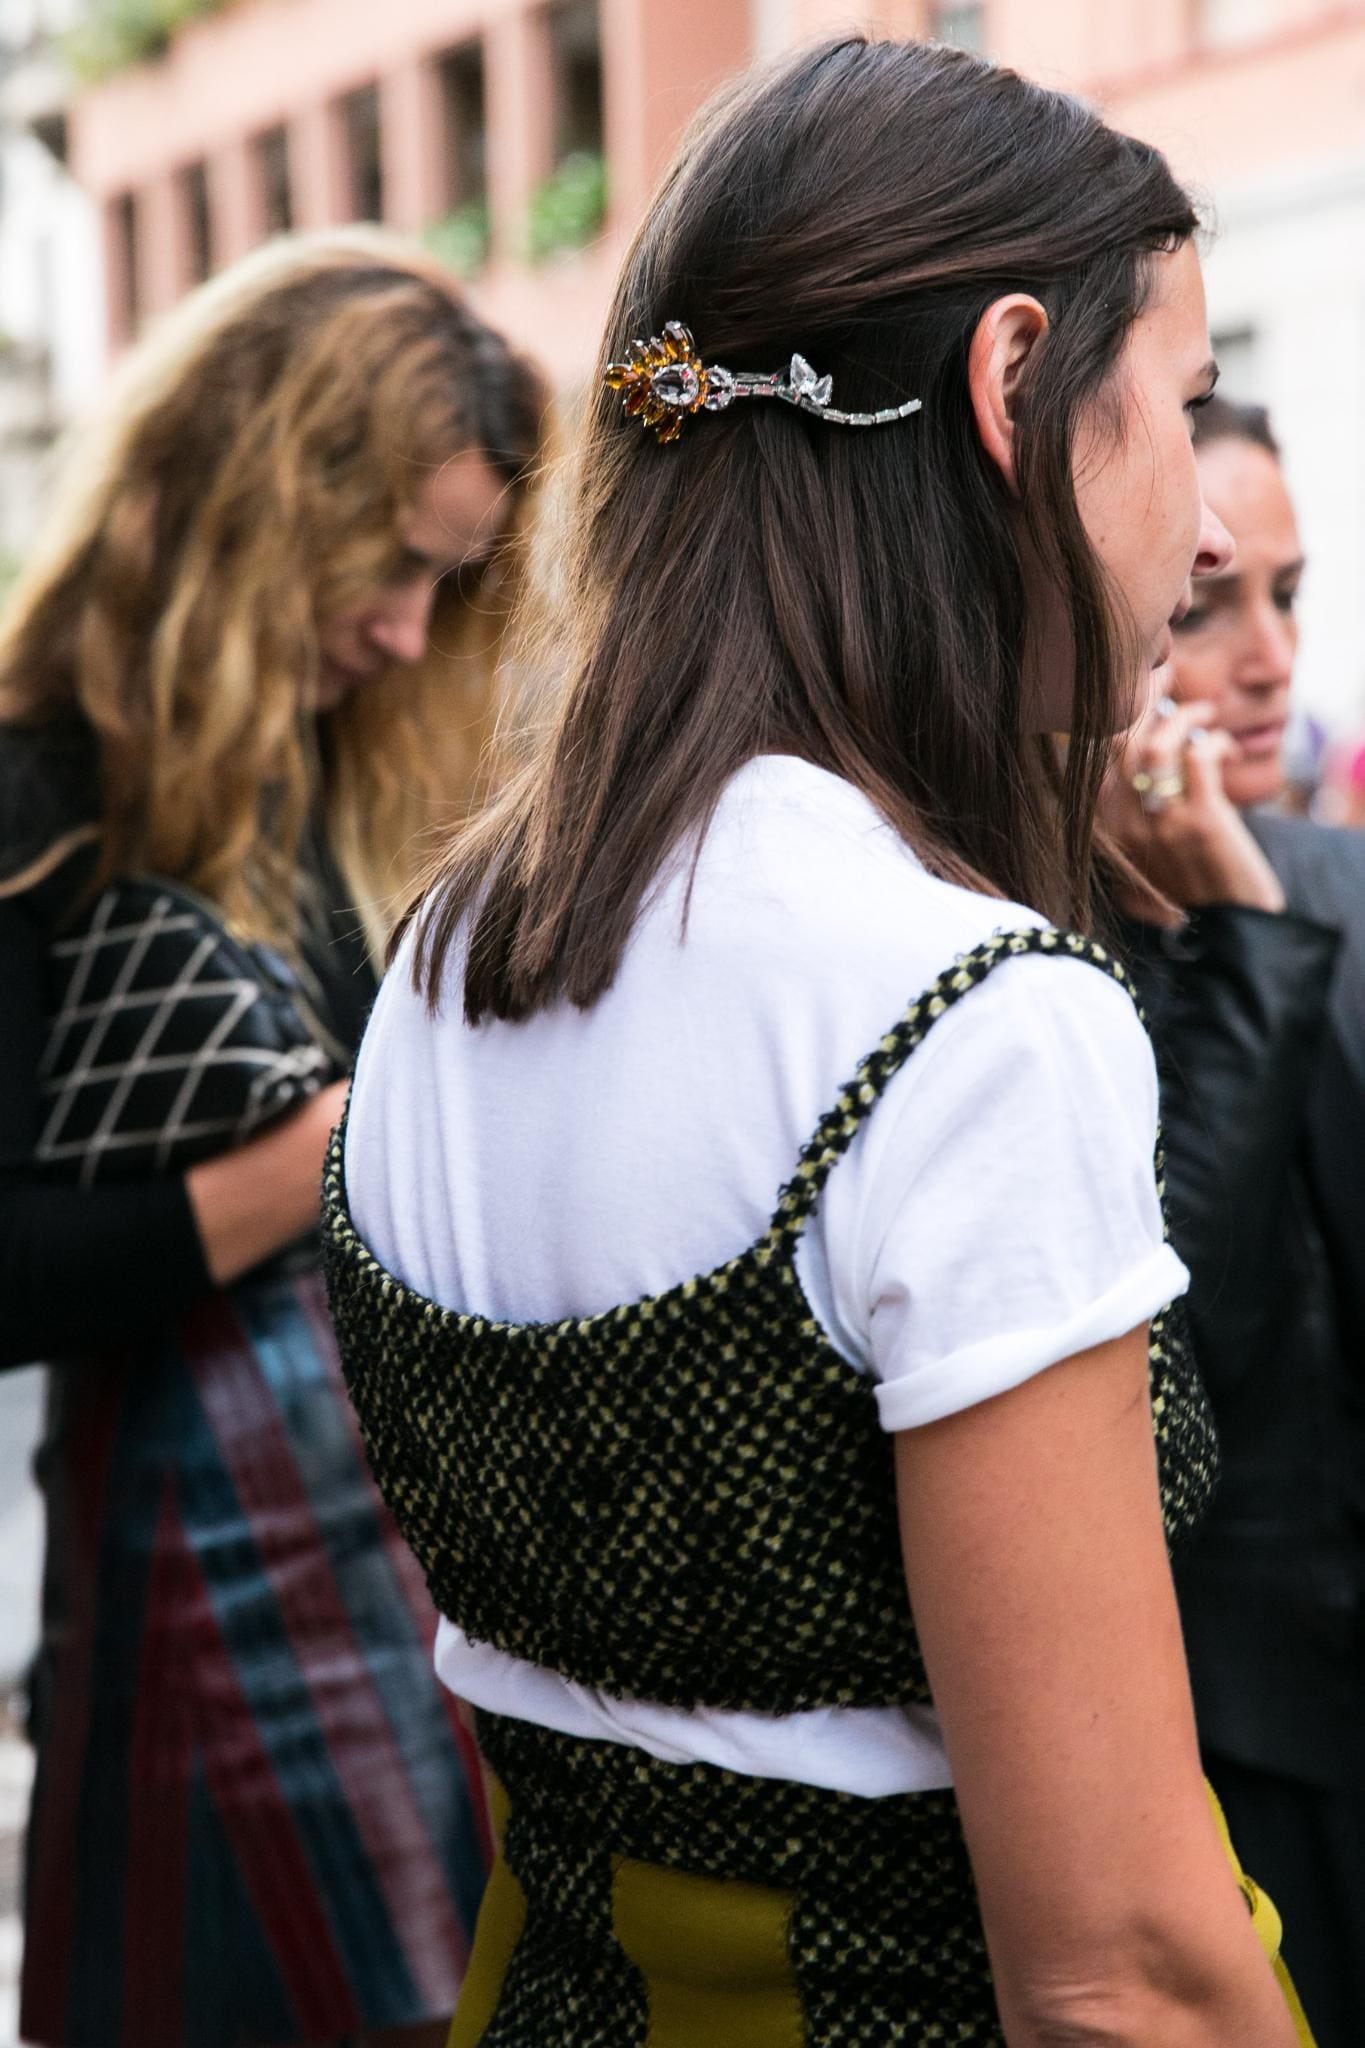 mujer con peinado casual